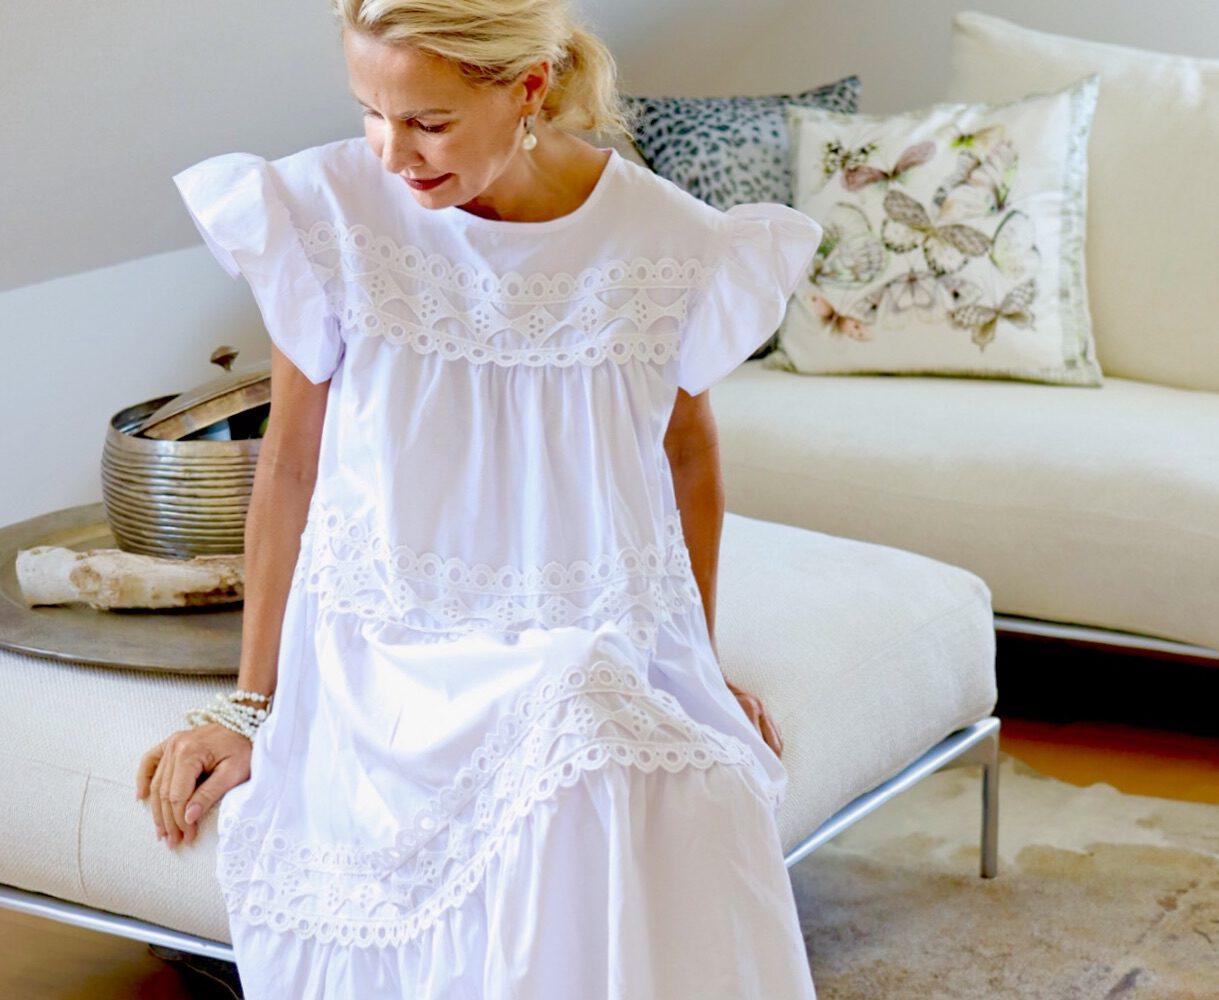 Meine Faszination für Weiß